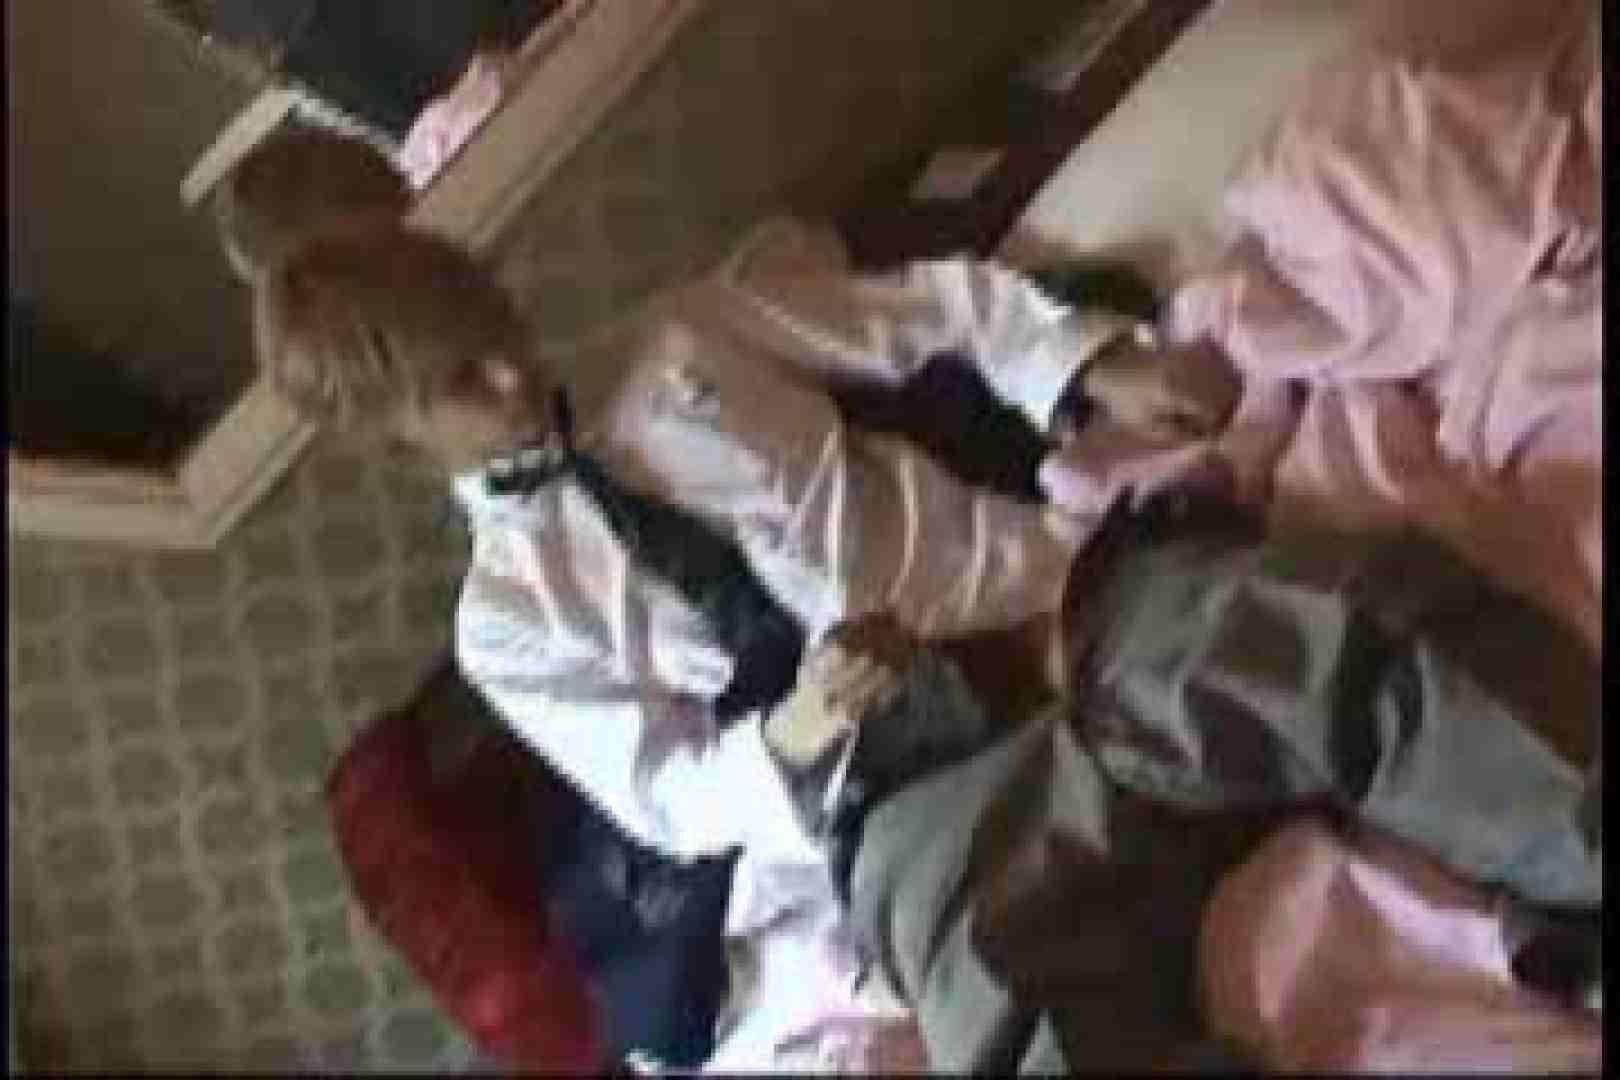 【流出】知られざる僕の秘密…vol.01 ハメ撮り放出 ゲイ無料エロ画像 102pic 31